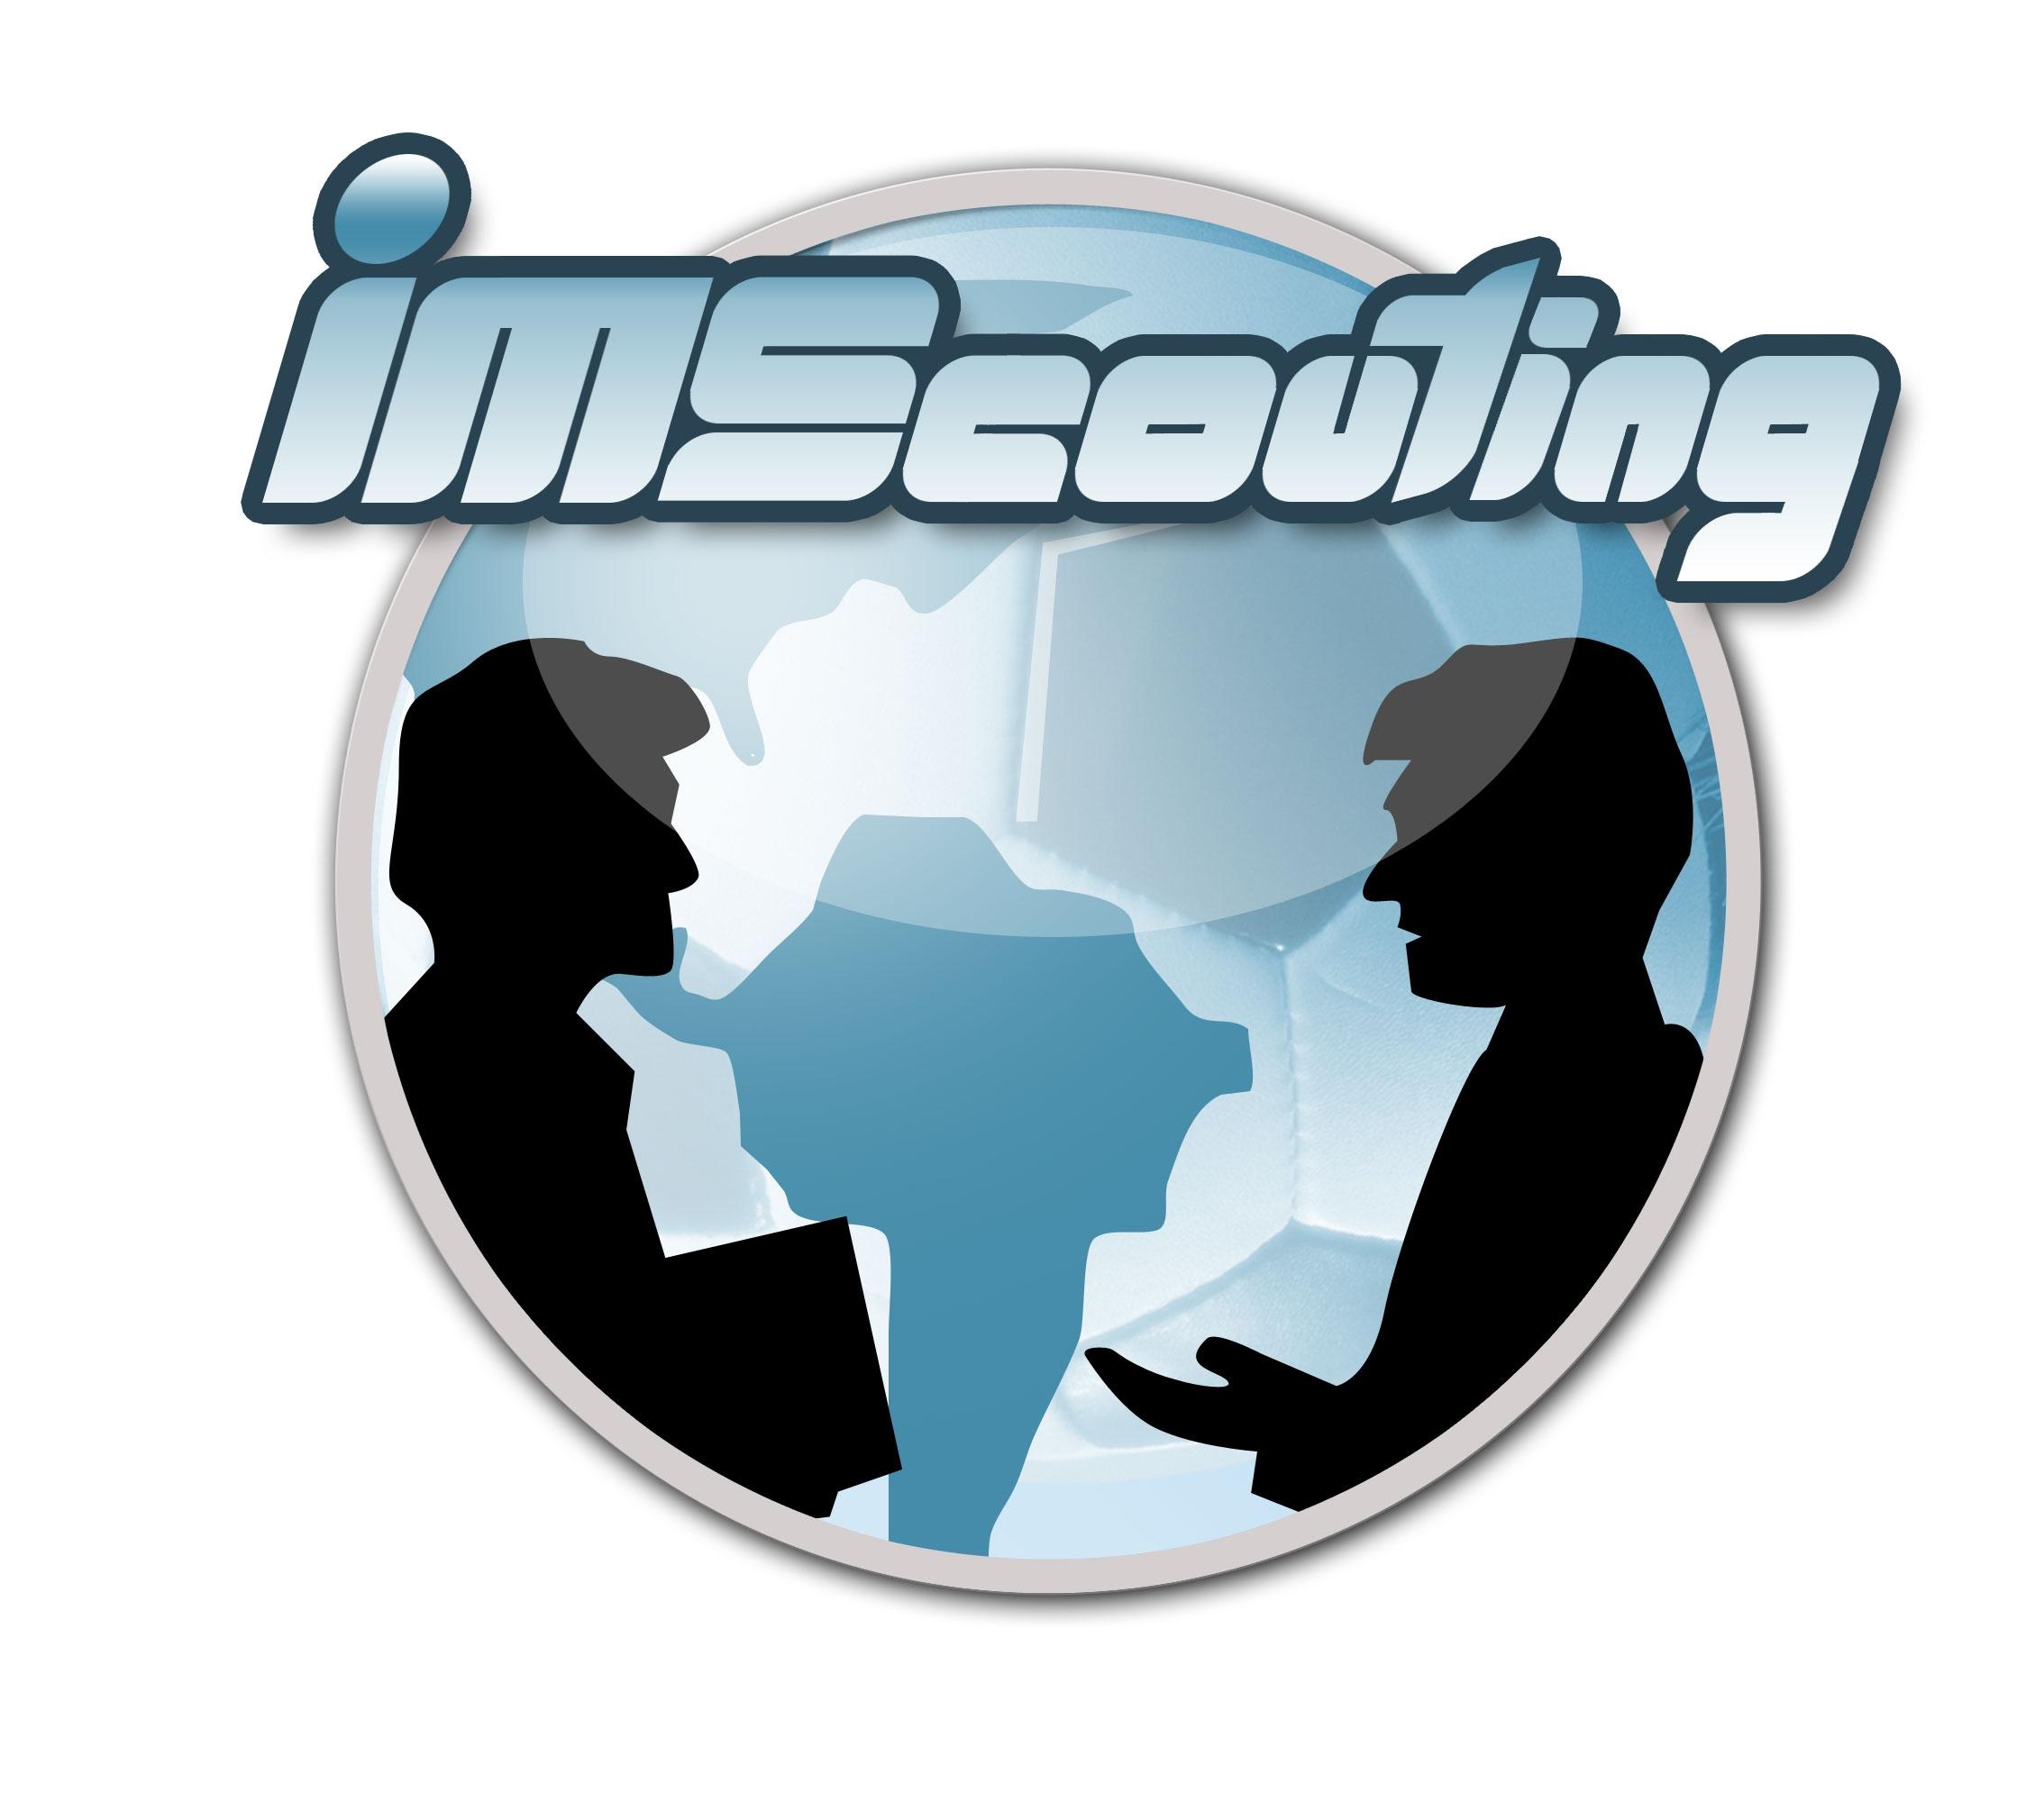 IMScouting